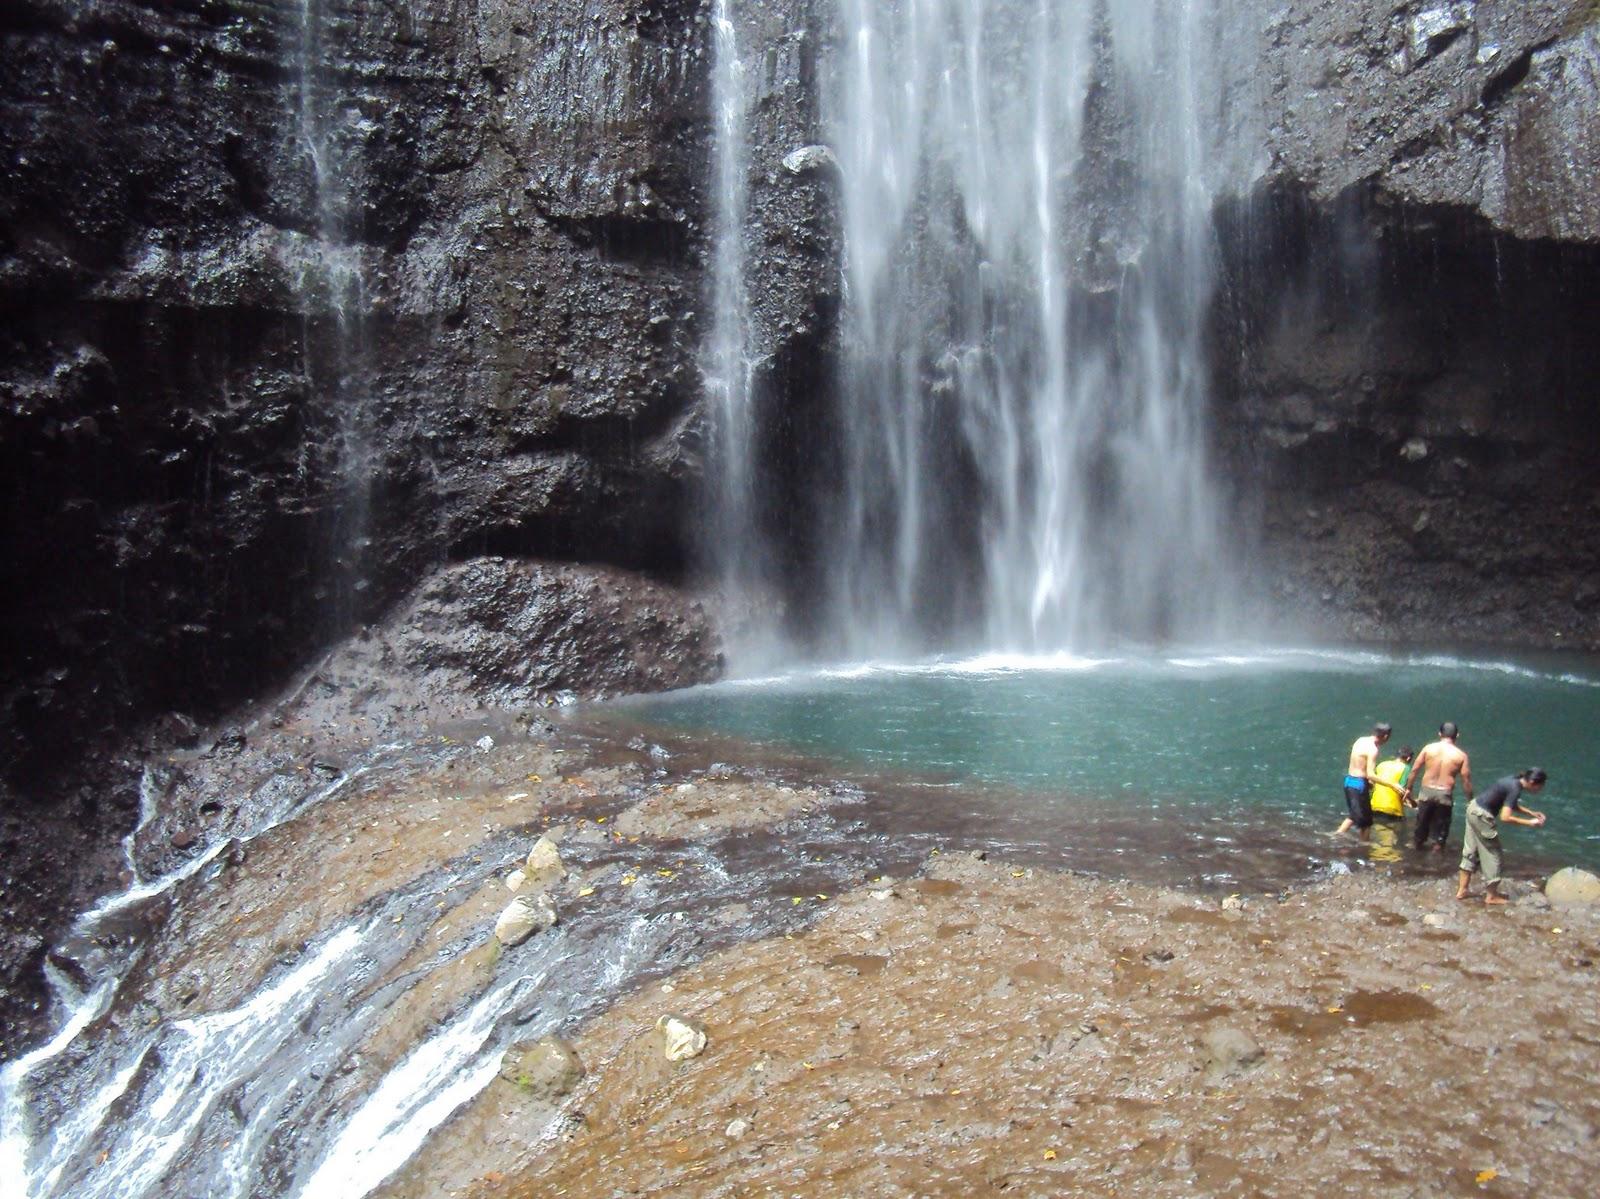 Iman Rabinata Air Terjun Madakaripura Waterfall Taman Hutan Kab Probolinggo